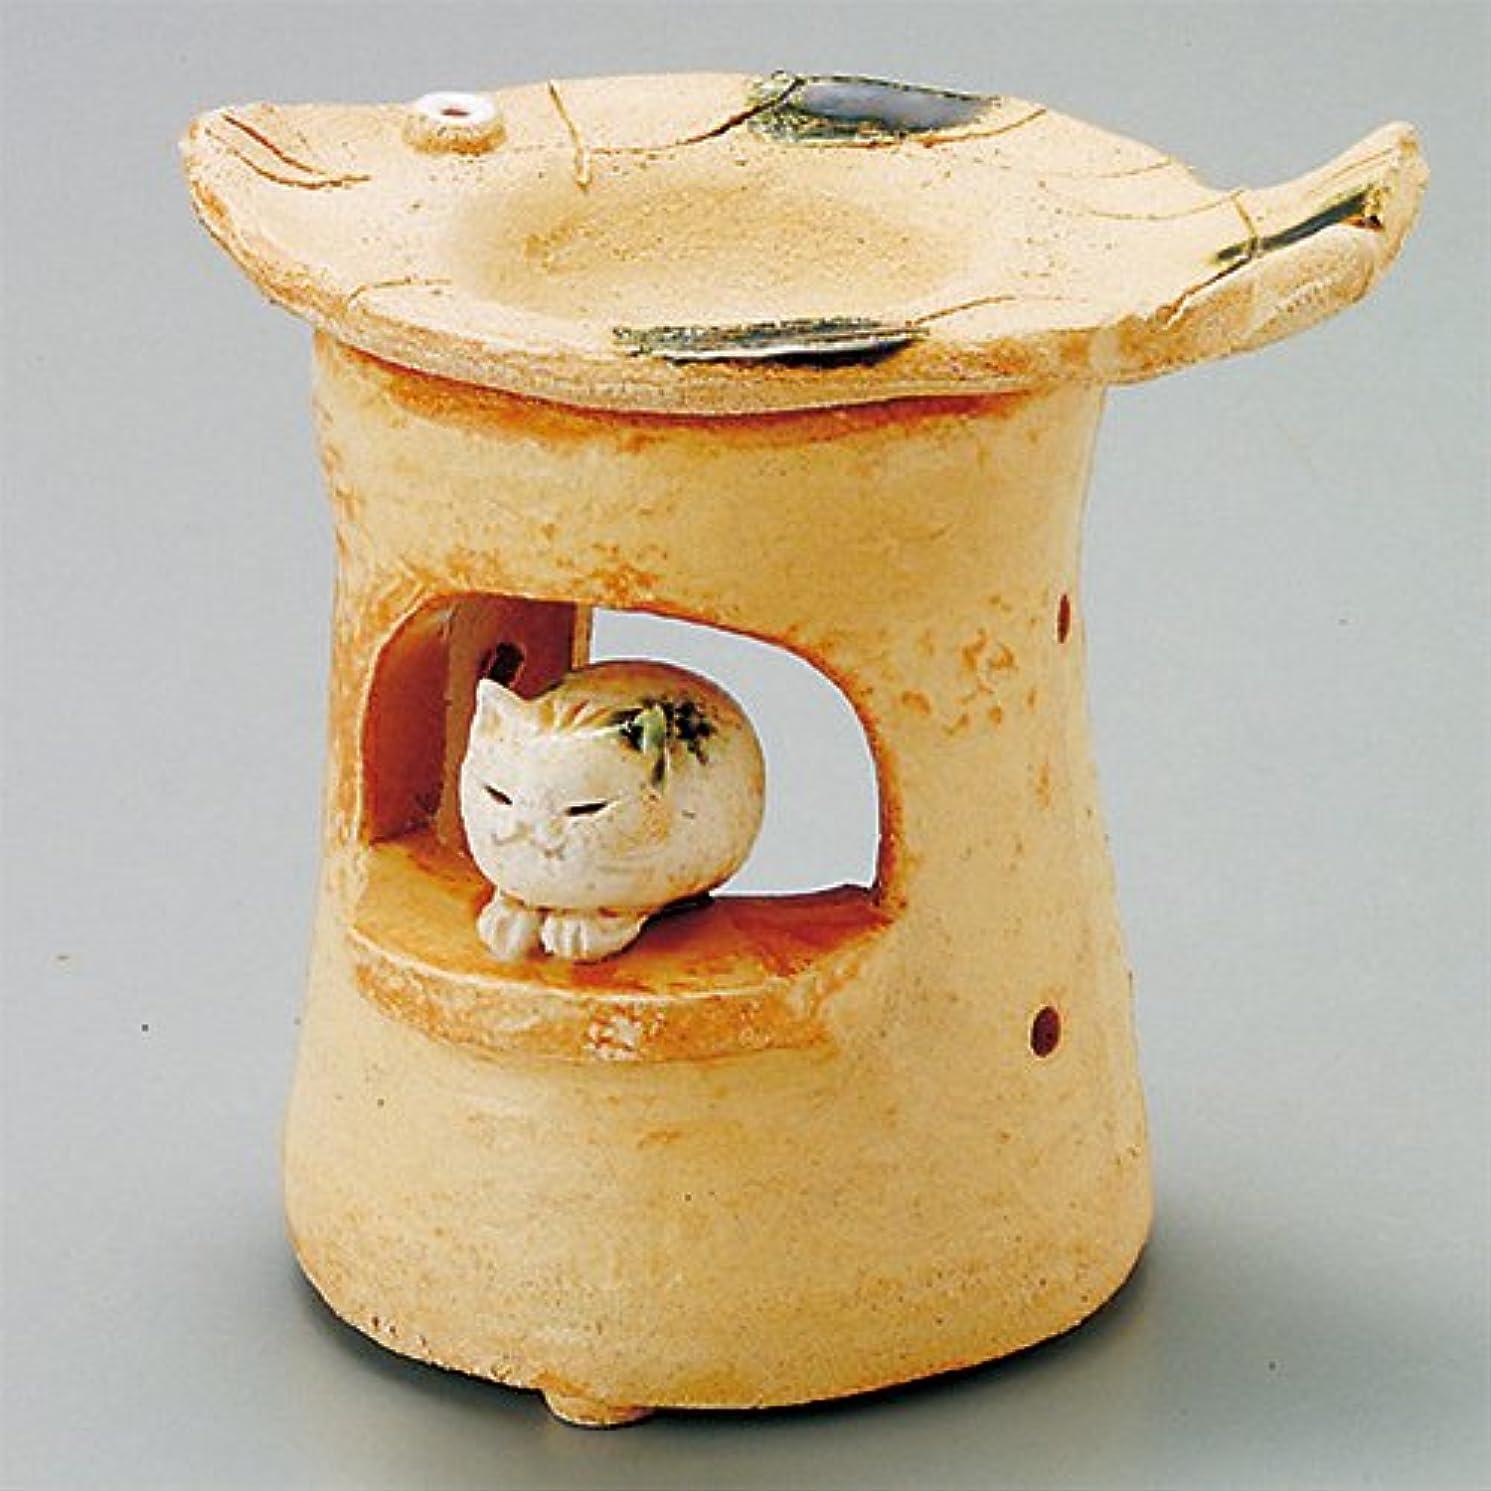 計算するお忌まわしい島ねこ 島ねこ 茶香炉 [12x8.5xH11.5cm] HANDMADE プレゼント ギフト 和食器 かわいい インテリア